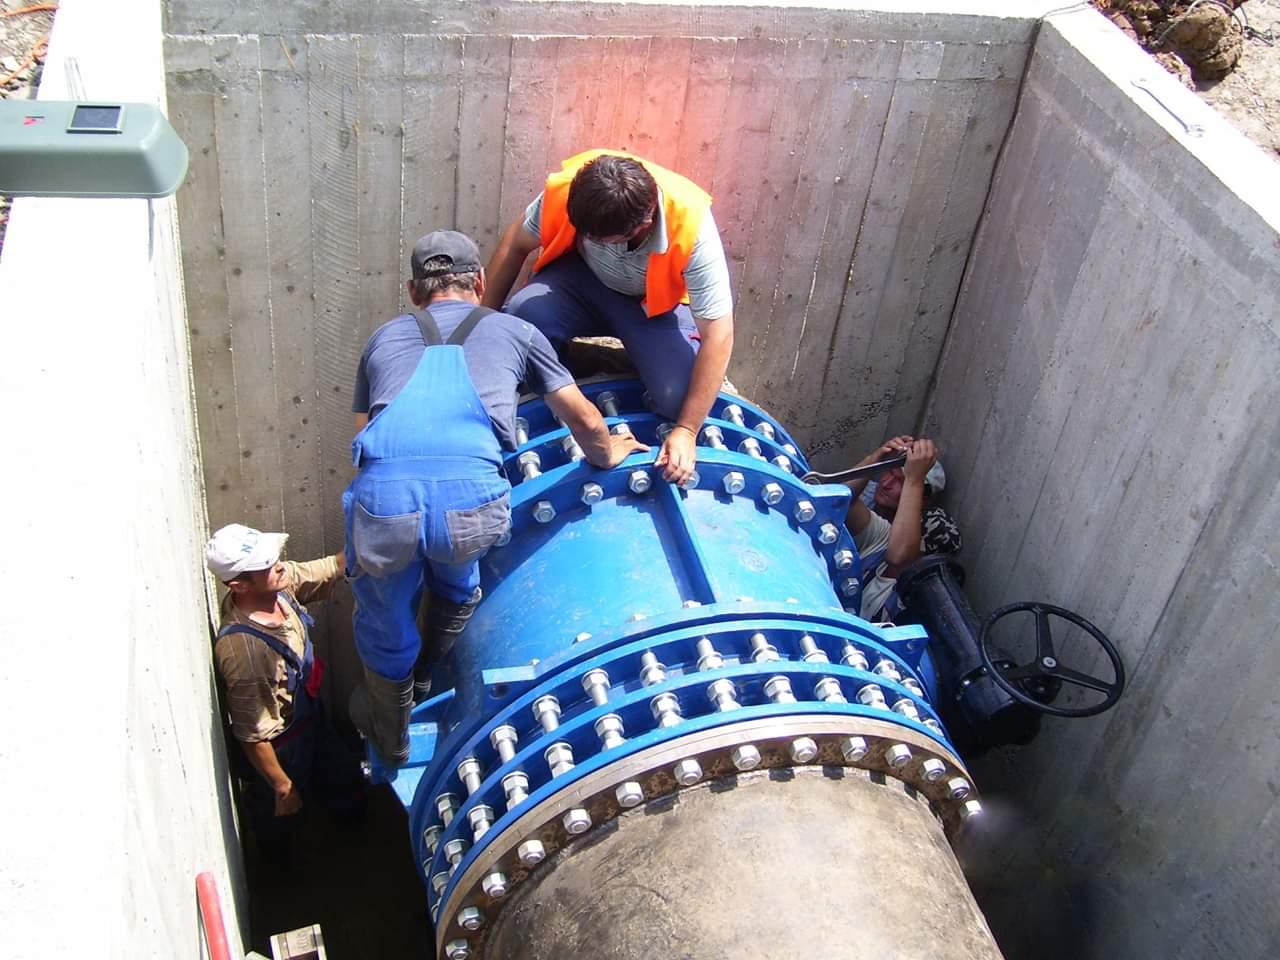 Dejul va beneficia de o nouă rețea de distribuție a apei potabile și de canalizare